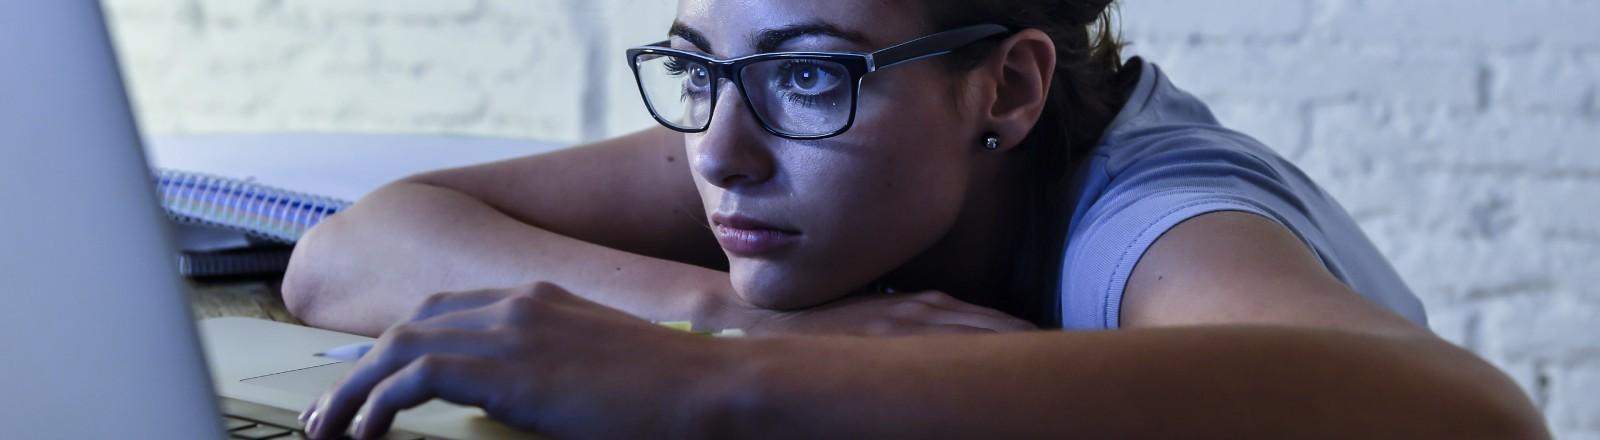 Eine junge Frau schaut genervt in ihren Bildschirm